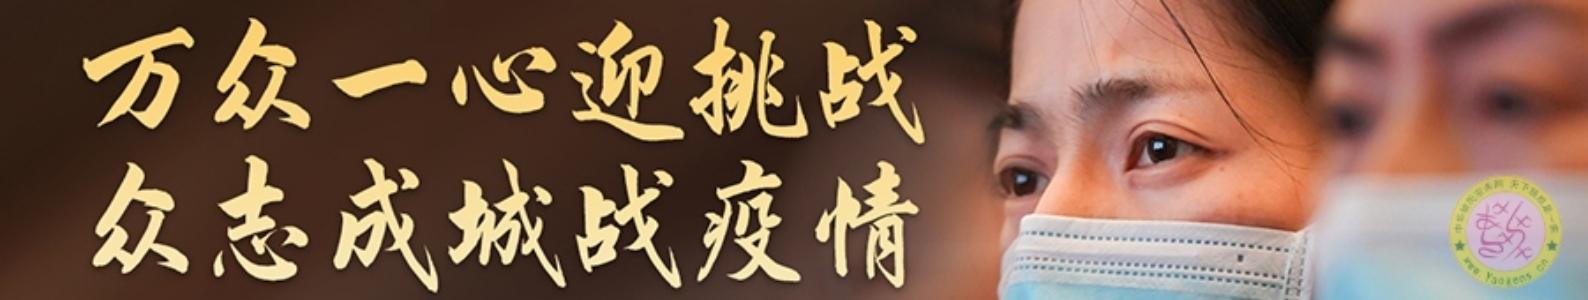 姚网(姚氏宗亲网)-Banner